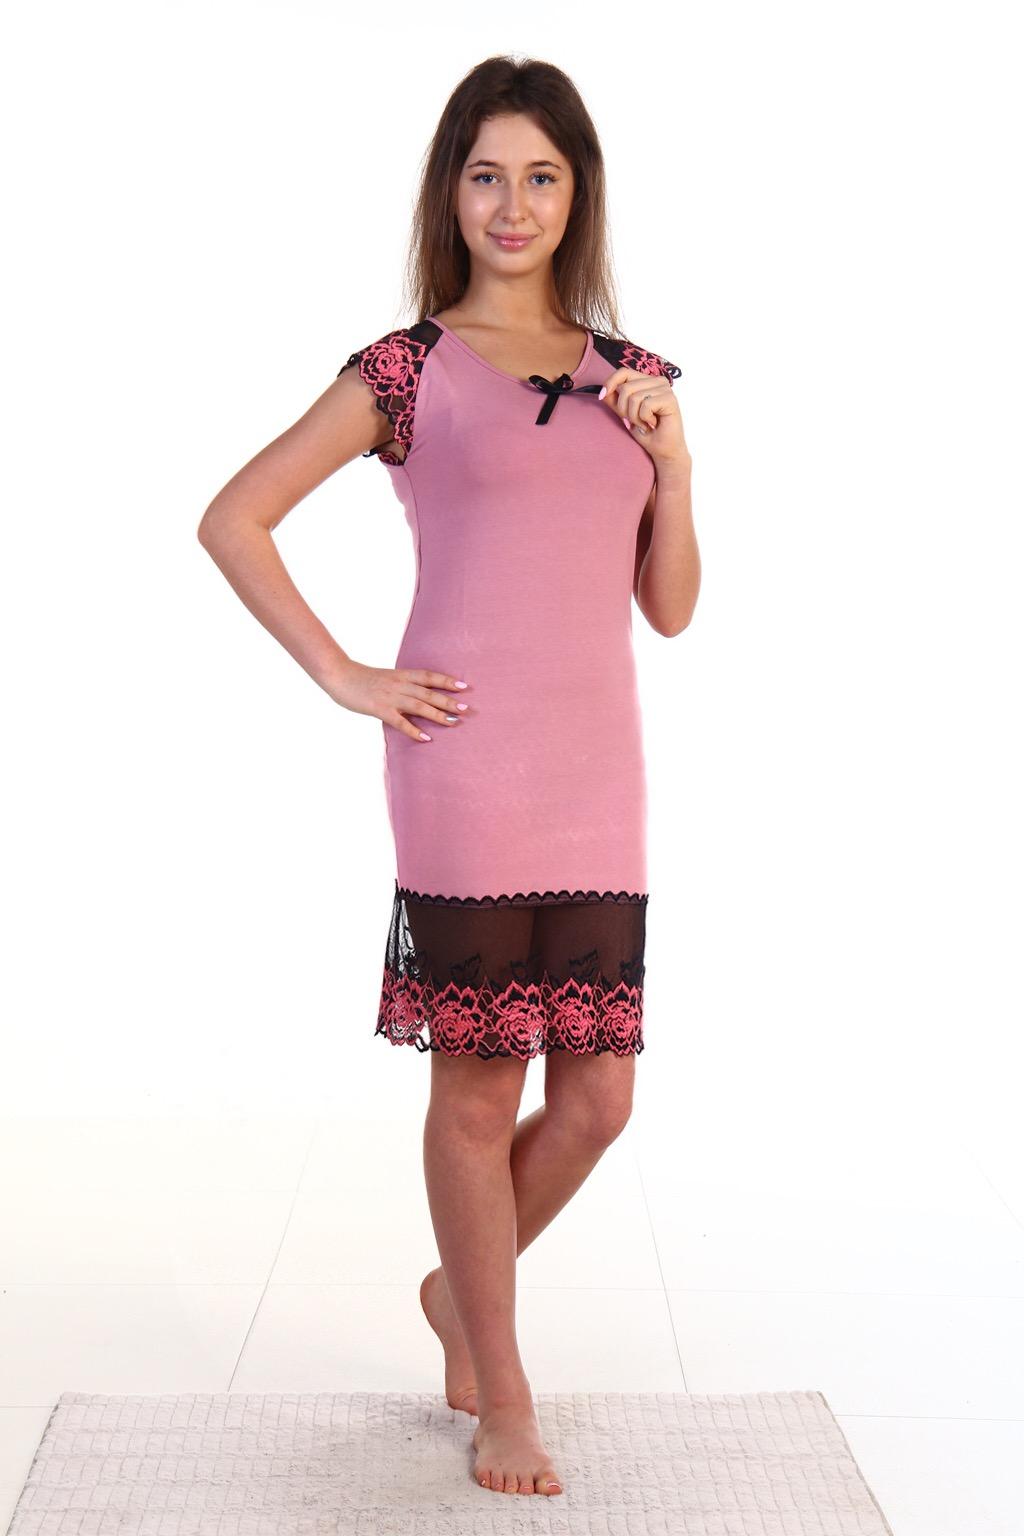 Женская одежда и нижнее белье оптом и в розницу - Лилия Модель 031с